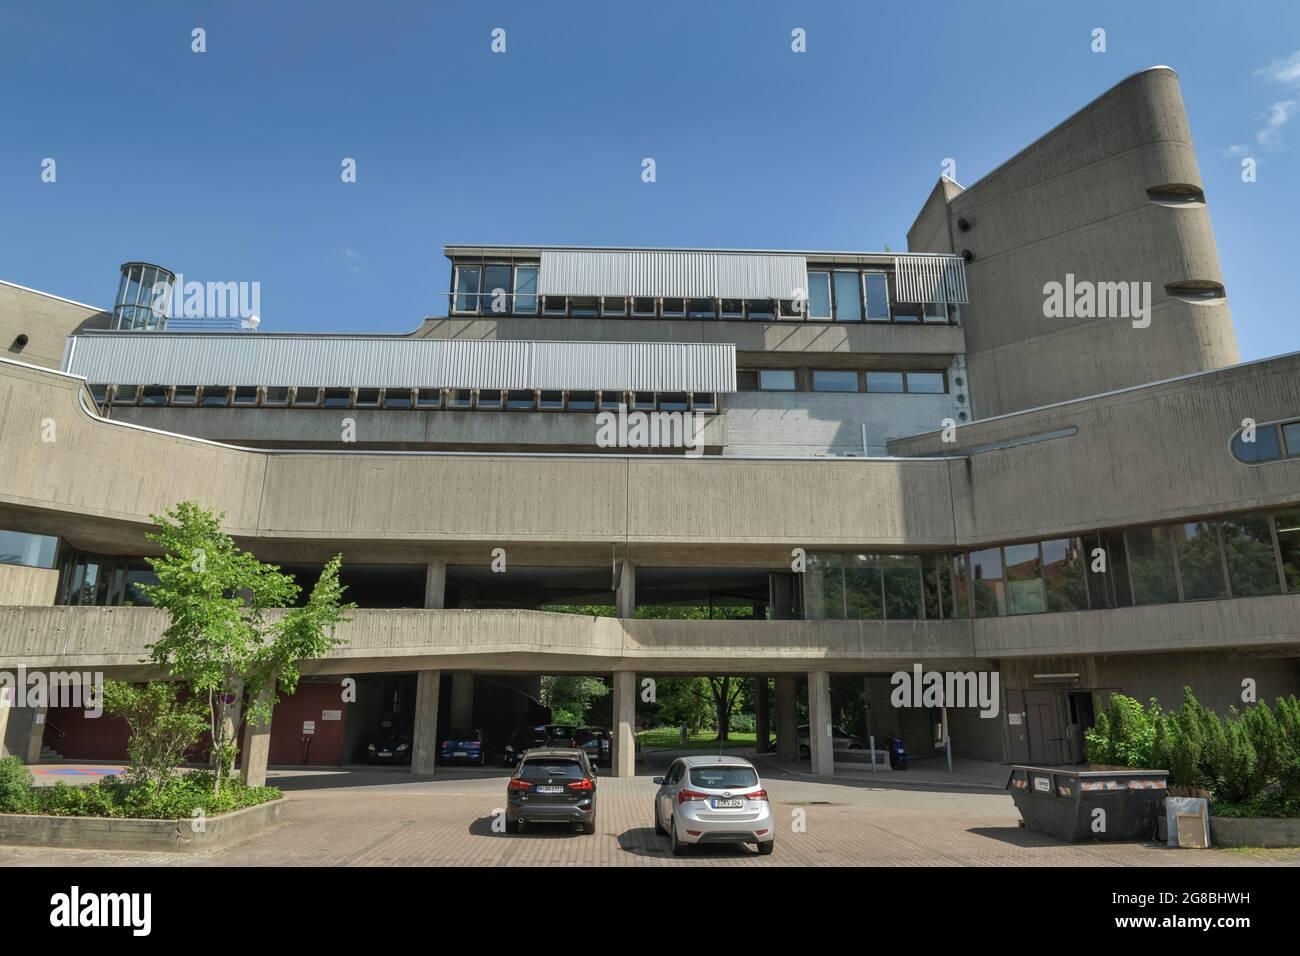 Charite, Institut für Hygiene und Umweltmedizin, Hindenburgdamm, Lichterfelde, Berlín, Alemania Foto de stock